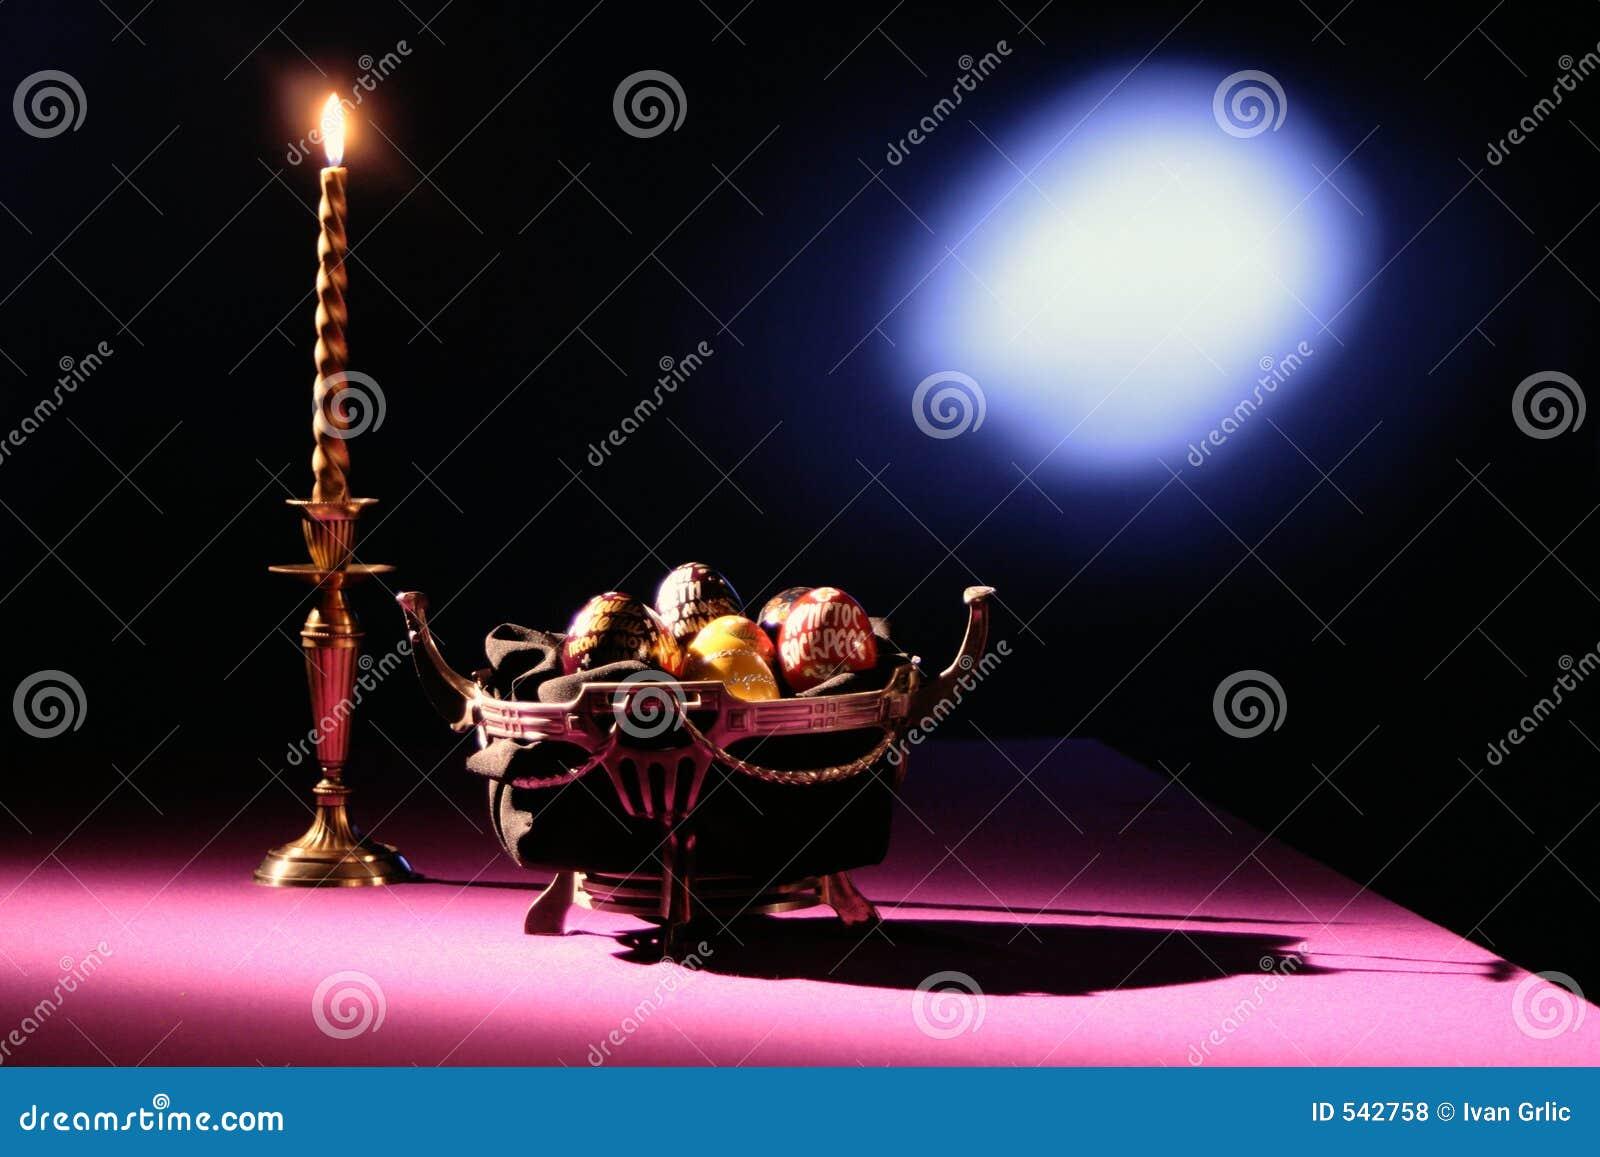 Download 碗蜡烛鸡蛋 库存照片. 图片 包括有 仪式, 照明设备, 鸡蛋, 壮观, 礼仪, 投反对票, 聚光灯, 粉红色 - 542758